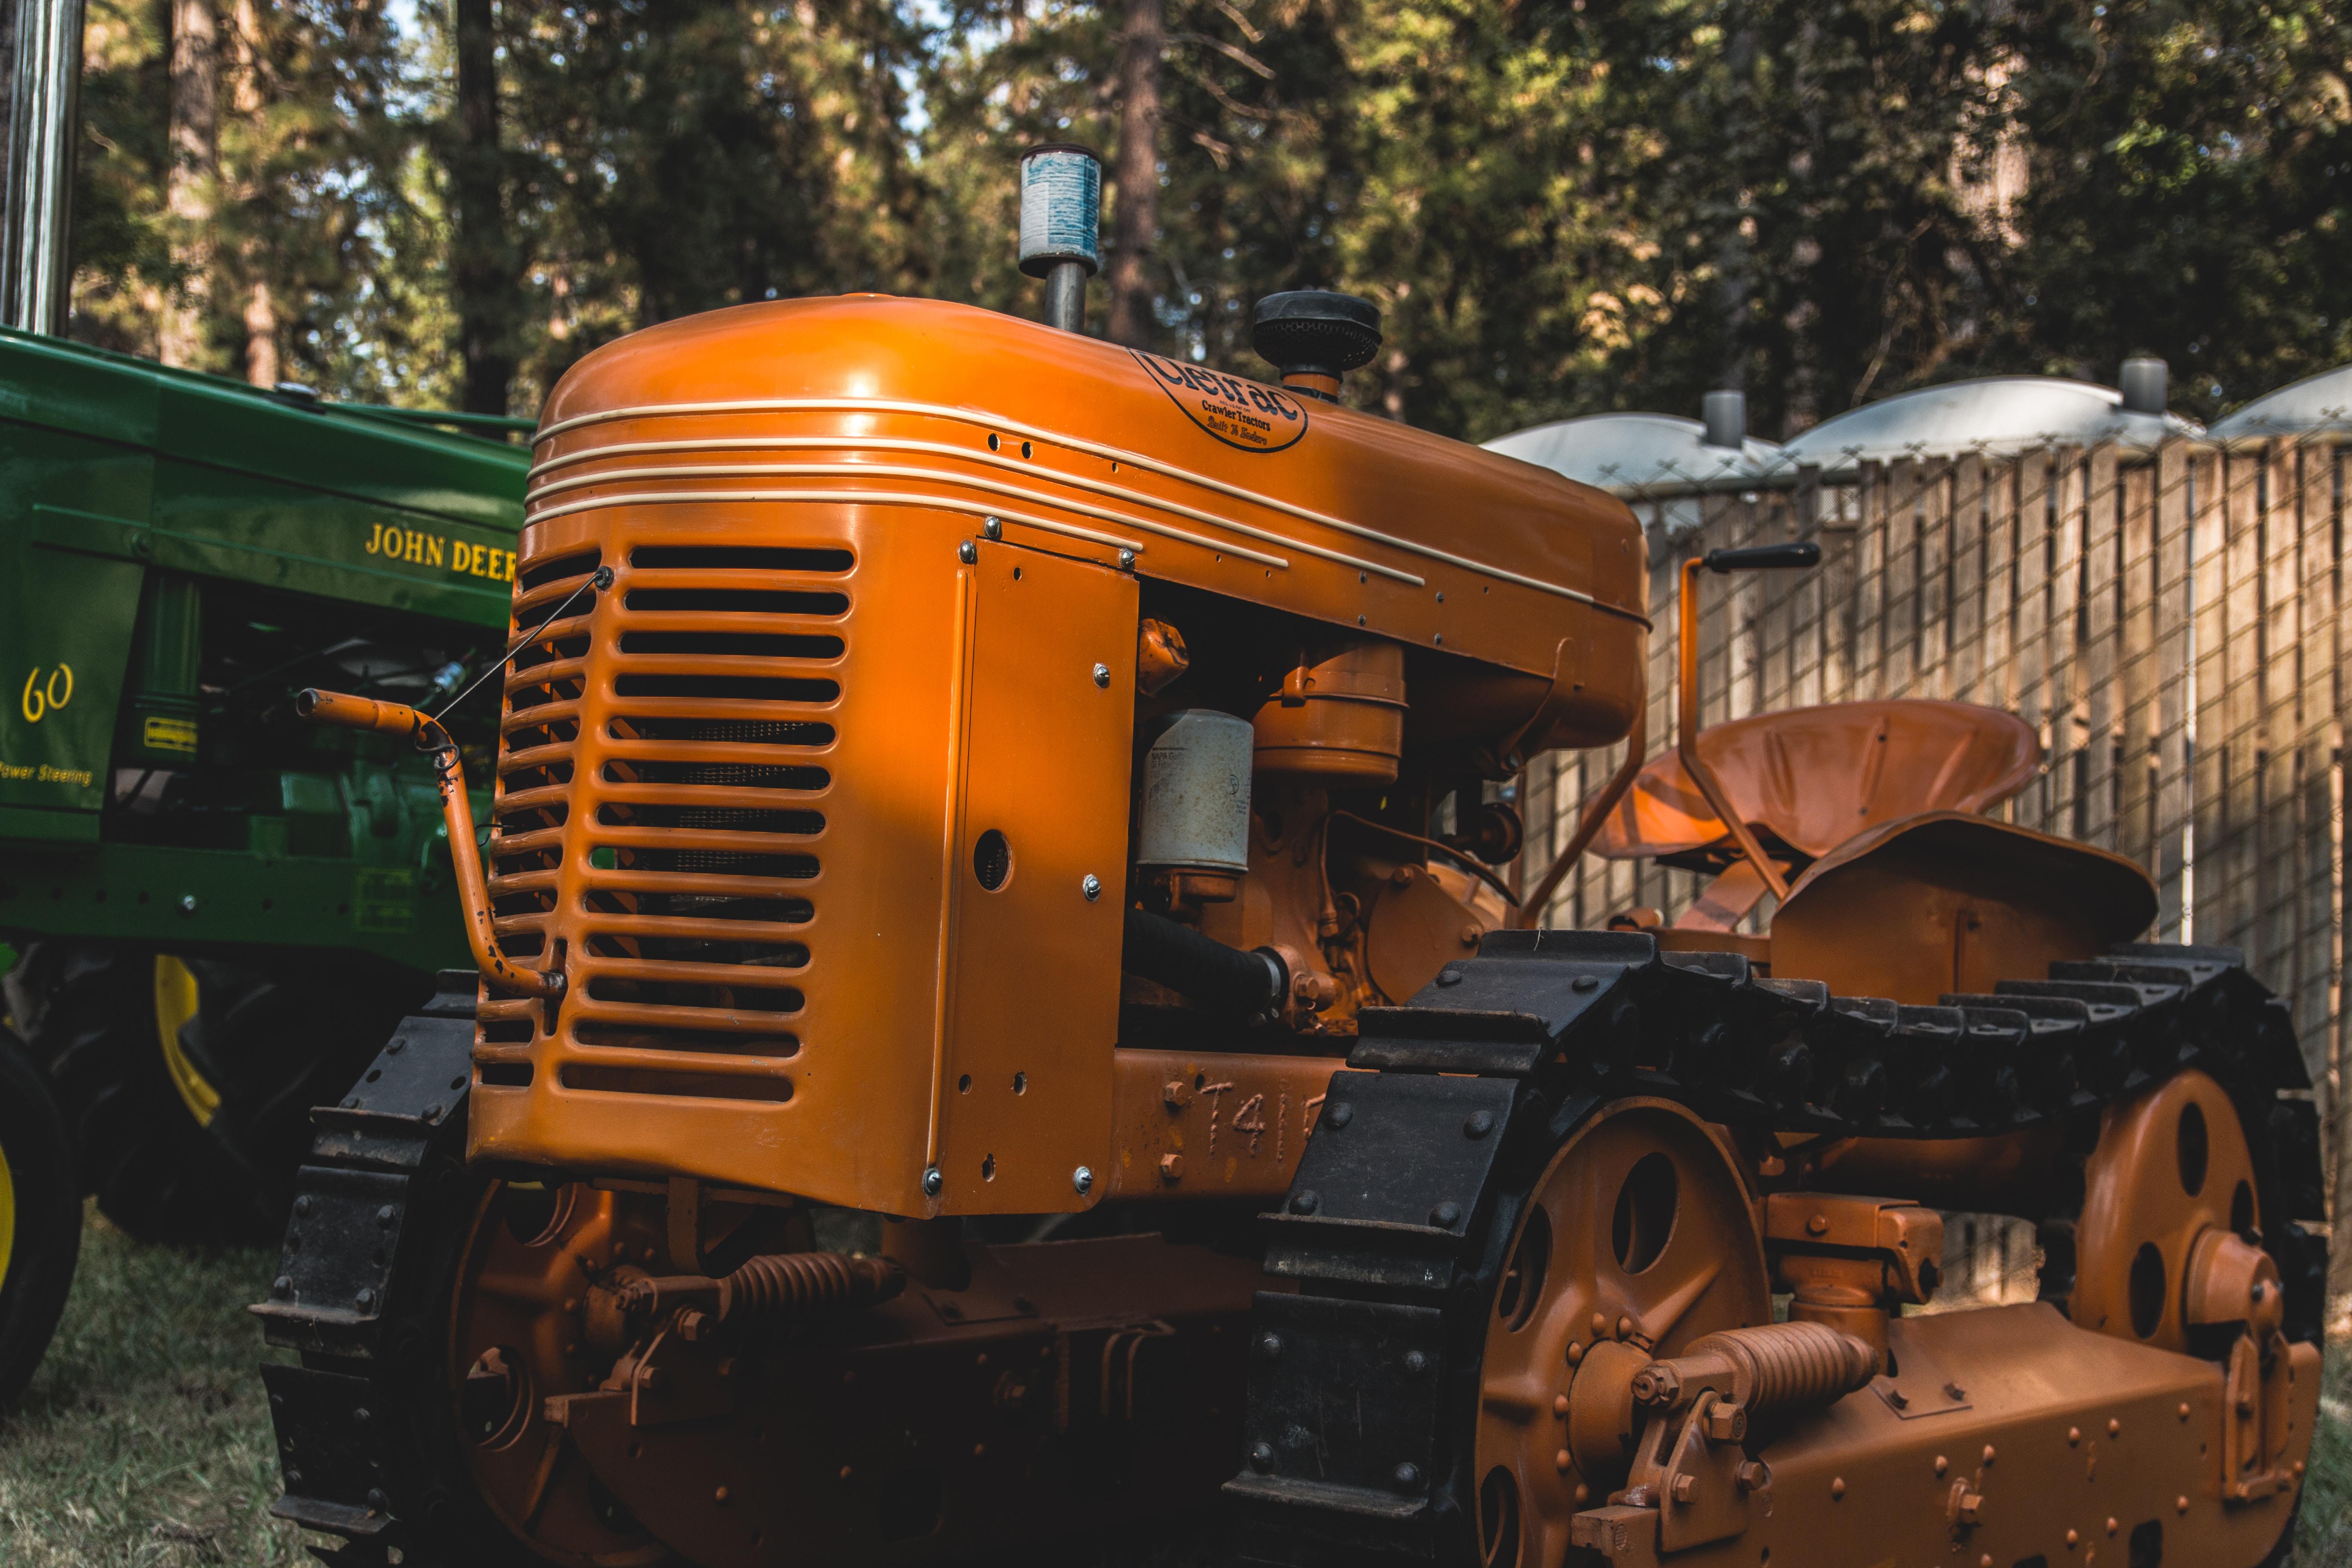 orange tractor beside John Deere tractor